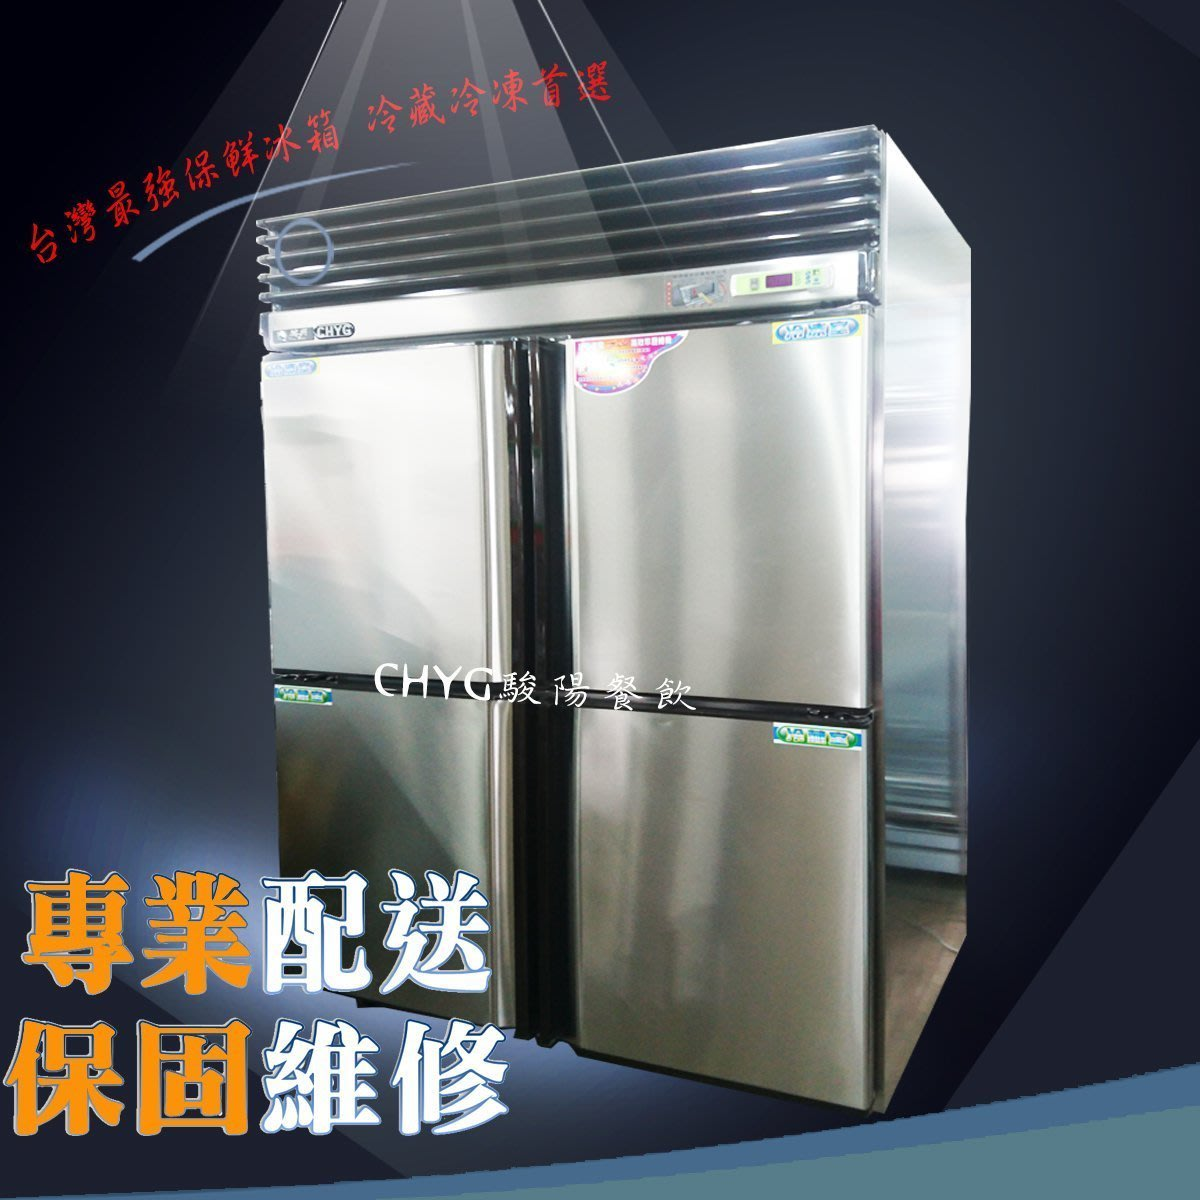 駿陽餐飲設備大商城.....全新瑞興4門冰箱970L/四門冰箱/台灣製造/4門全冷藏型